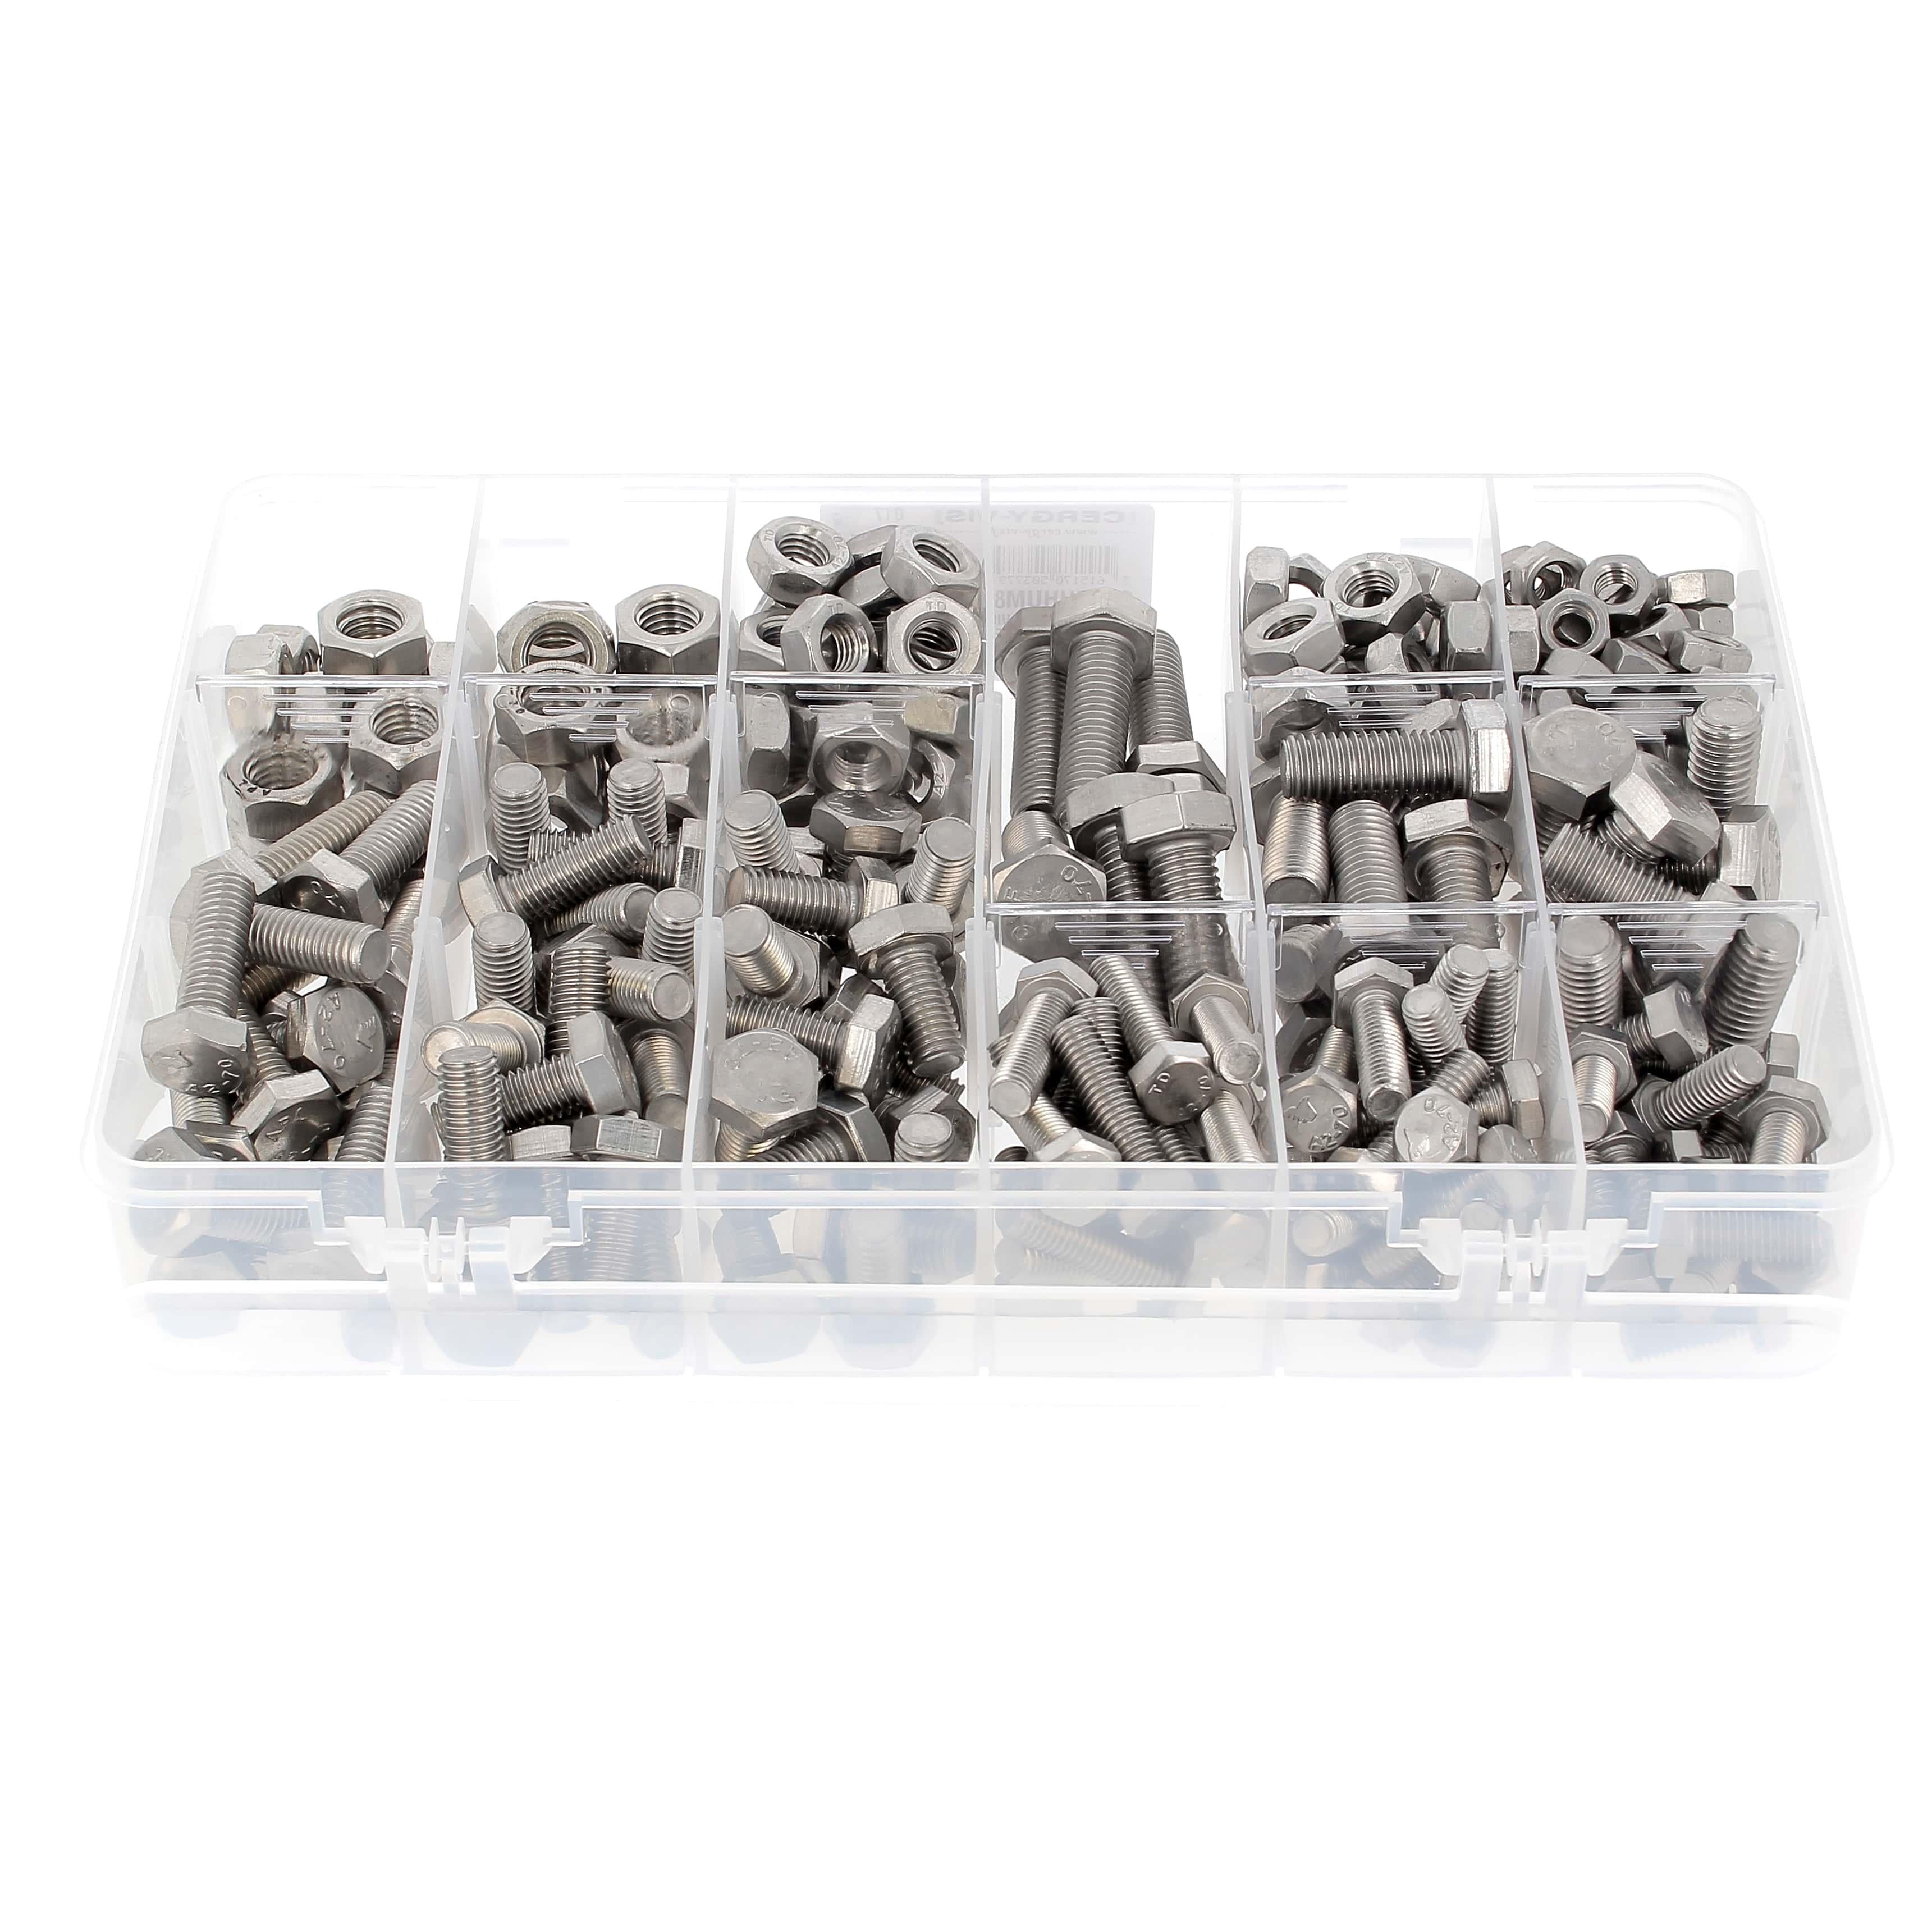 Coffret de 292 TH M8-M10-M12 DIN 933 + Ecrous Inox A2